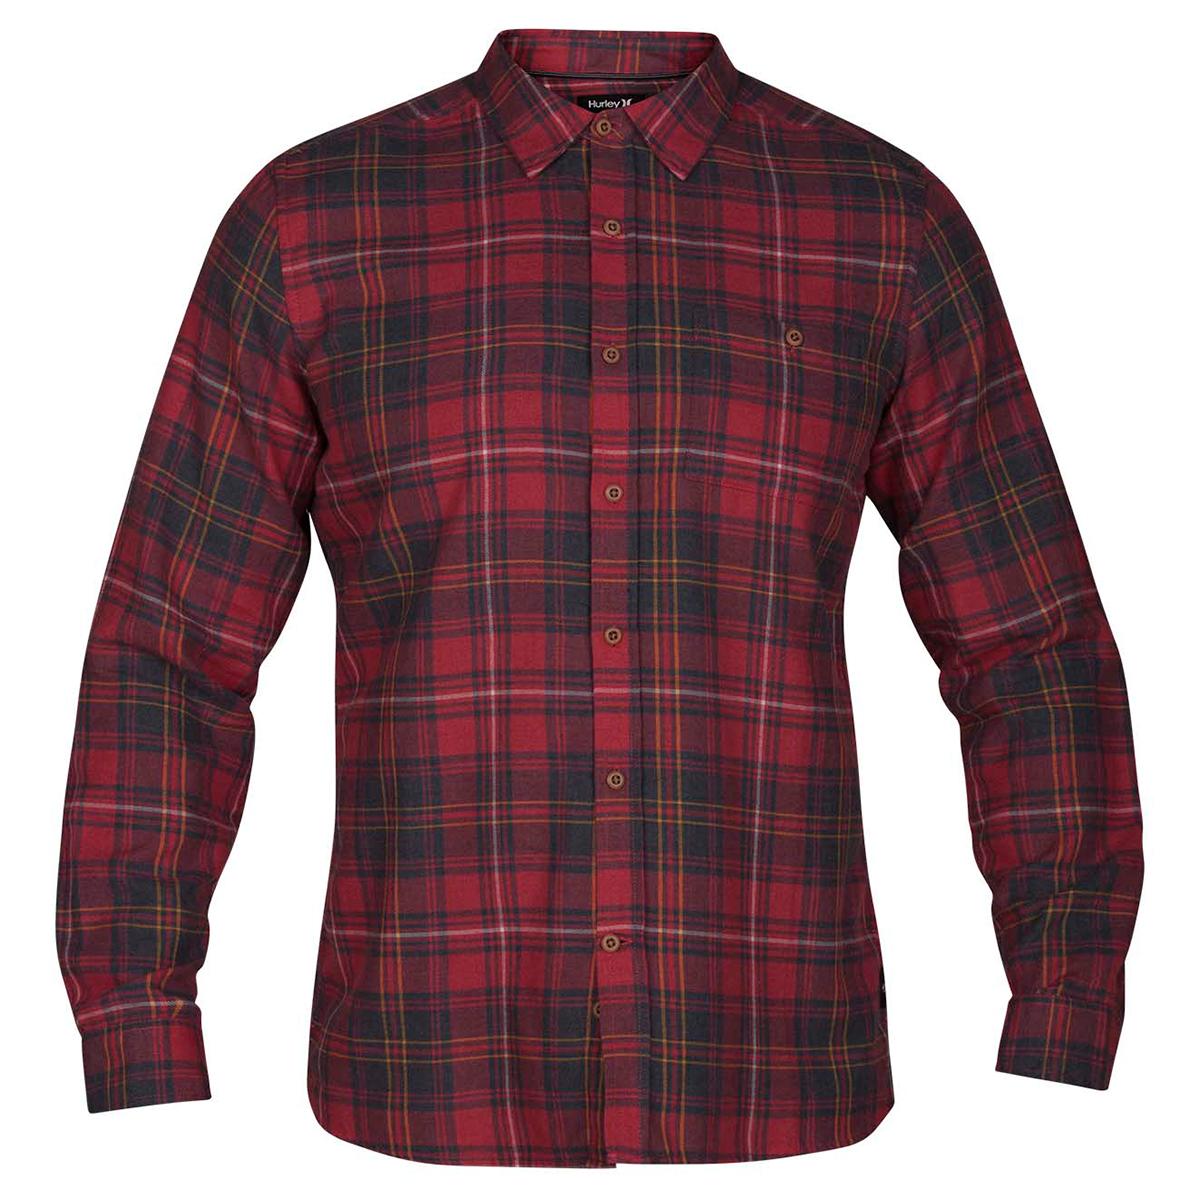 Hurley Guys' Kurt Long-Sleeve Shirt - Red, M